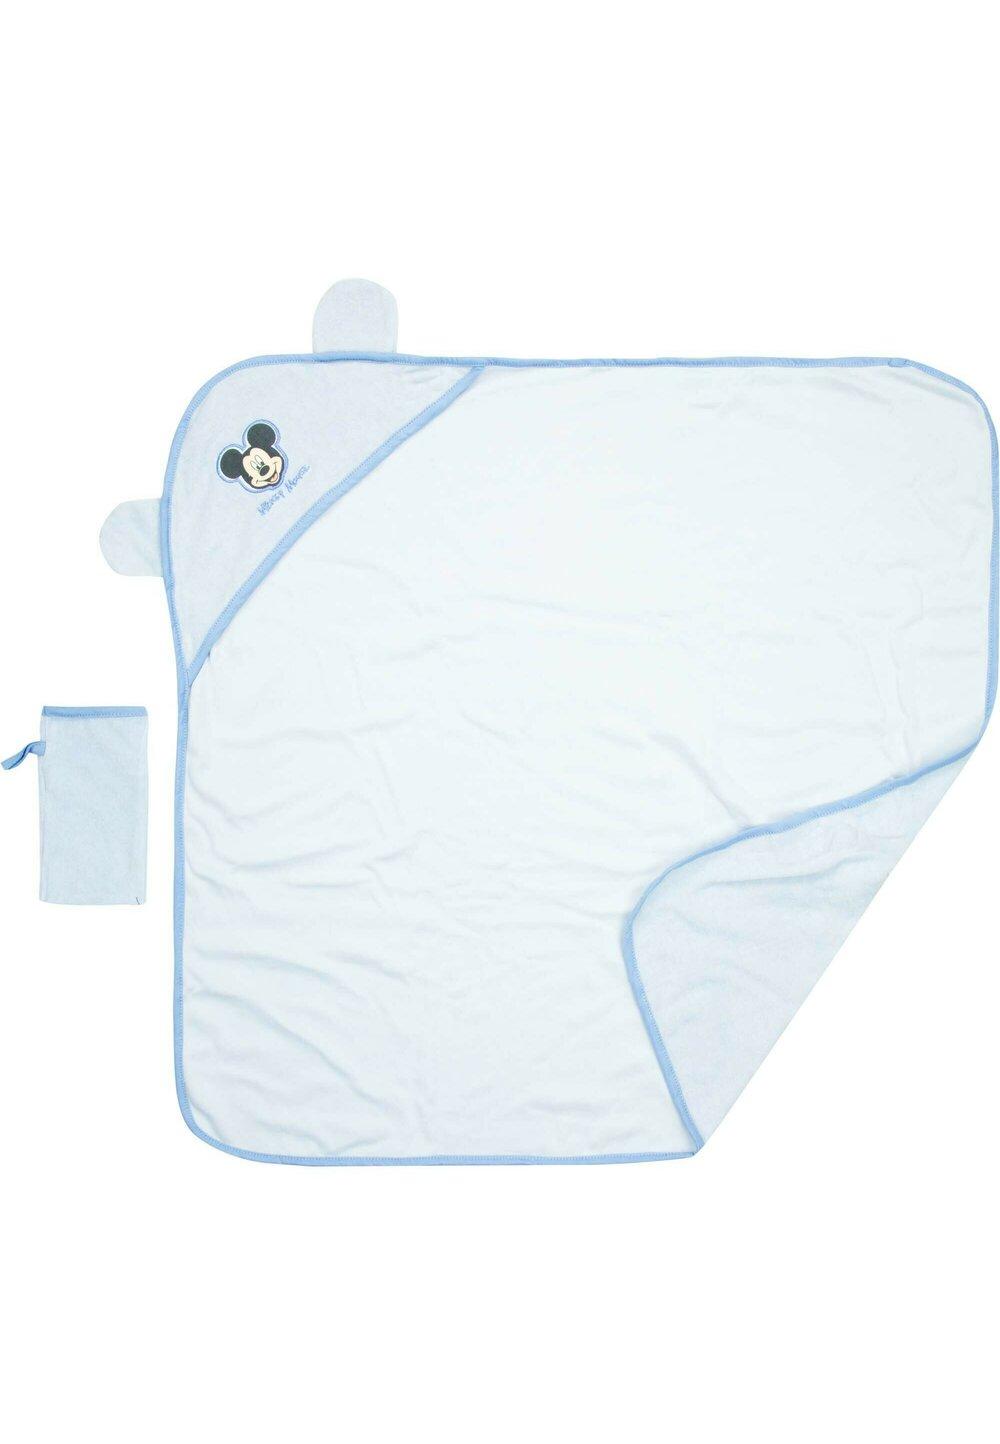 Prosop cu manusa baie, Mickey Mouse, albastru imagine